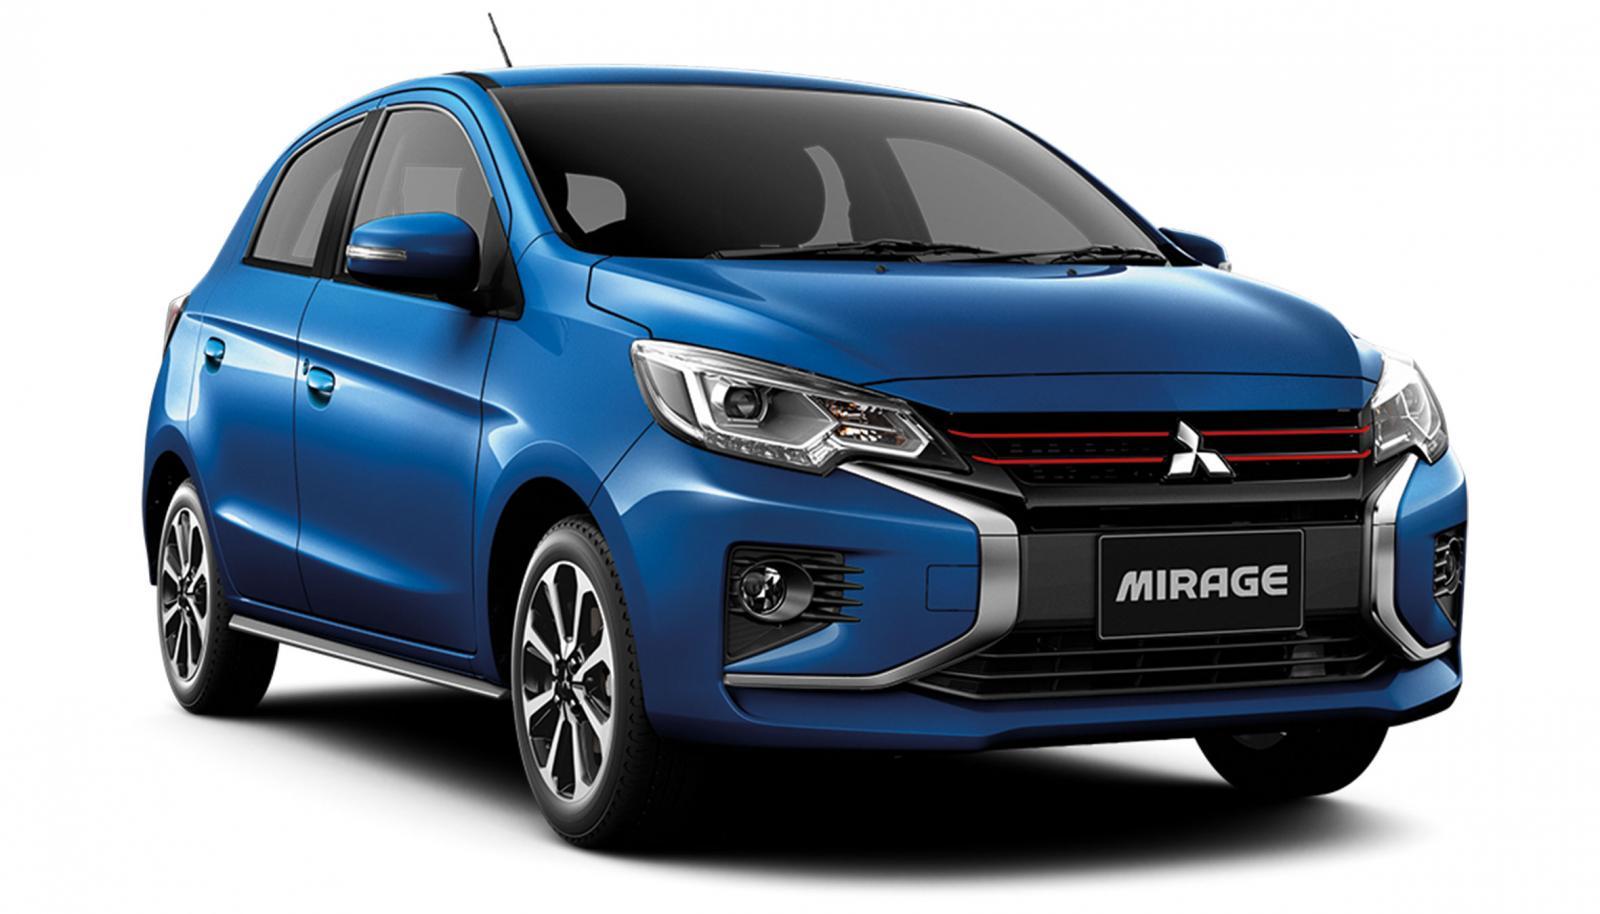 New Mitsubishi Mirage 2020